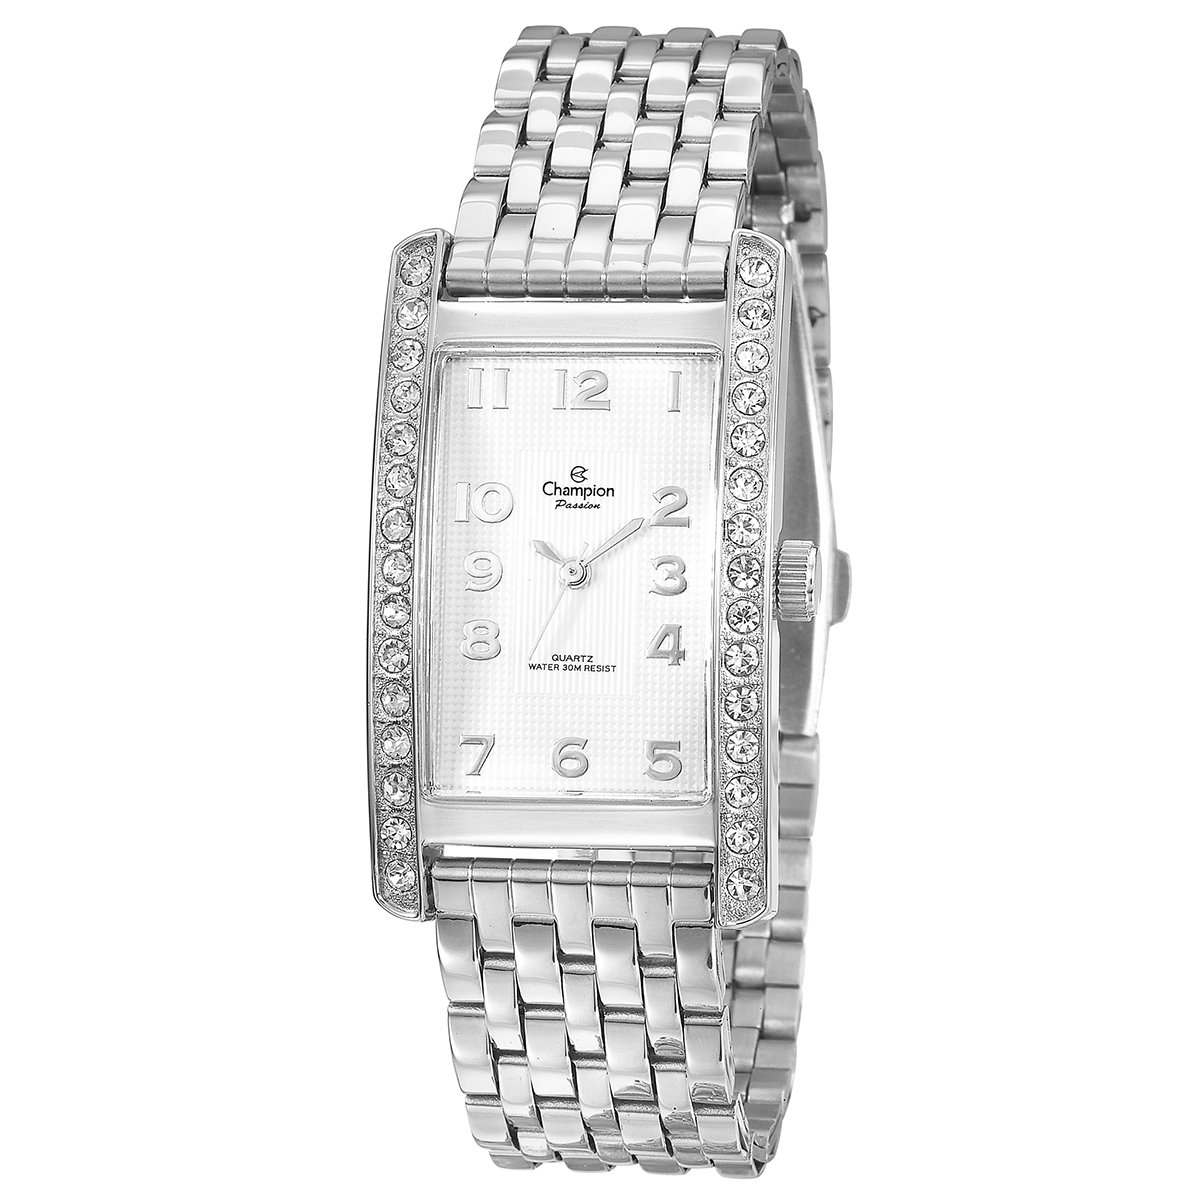 96878ea754f Relógio Champion Passion-CH2423 - Compre Agora